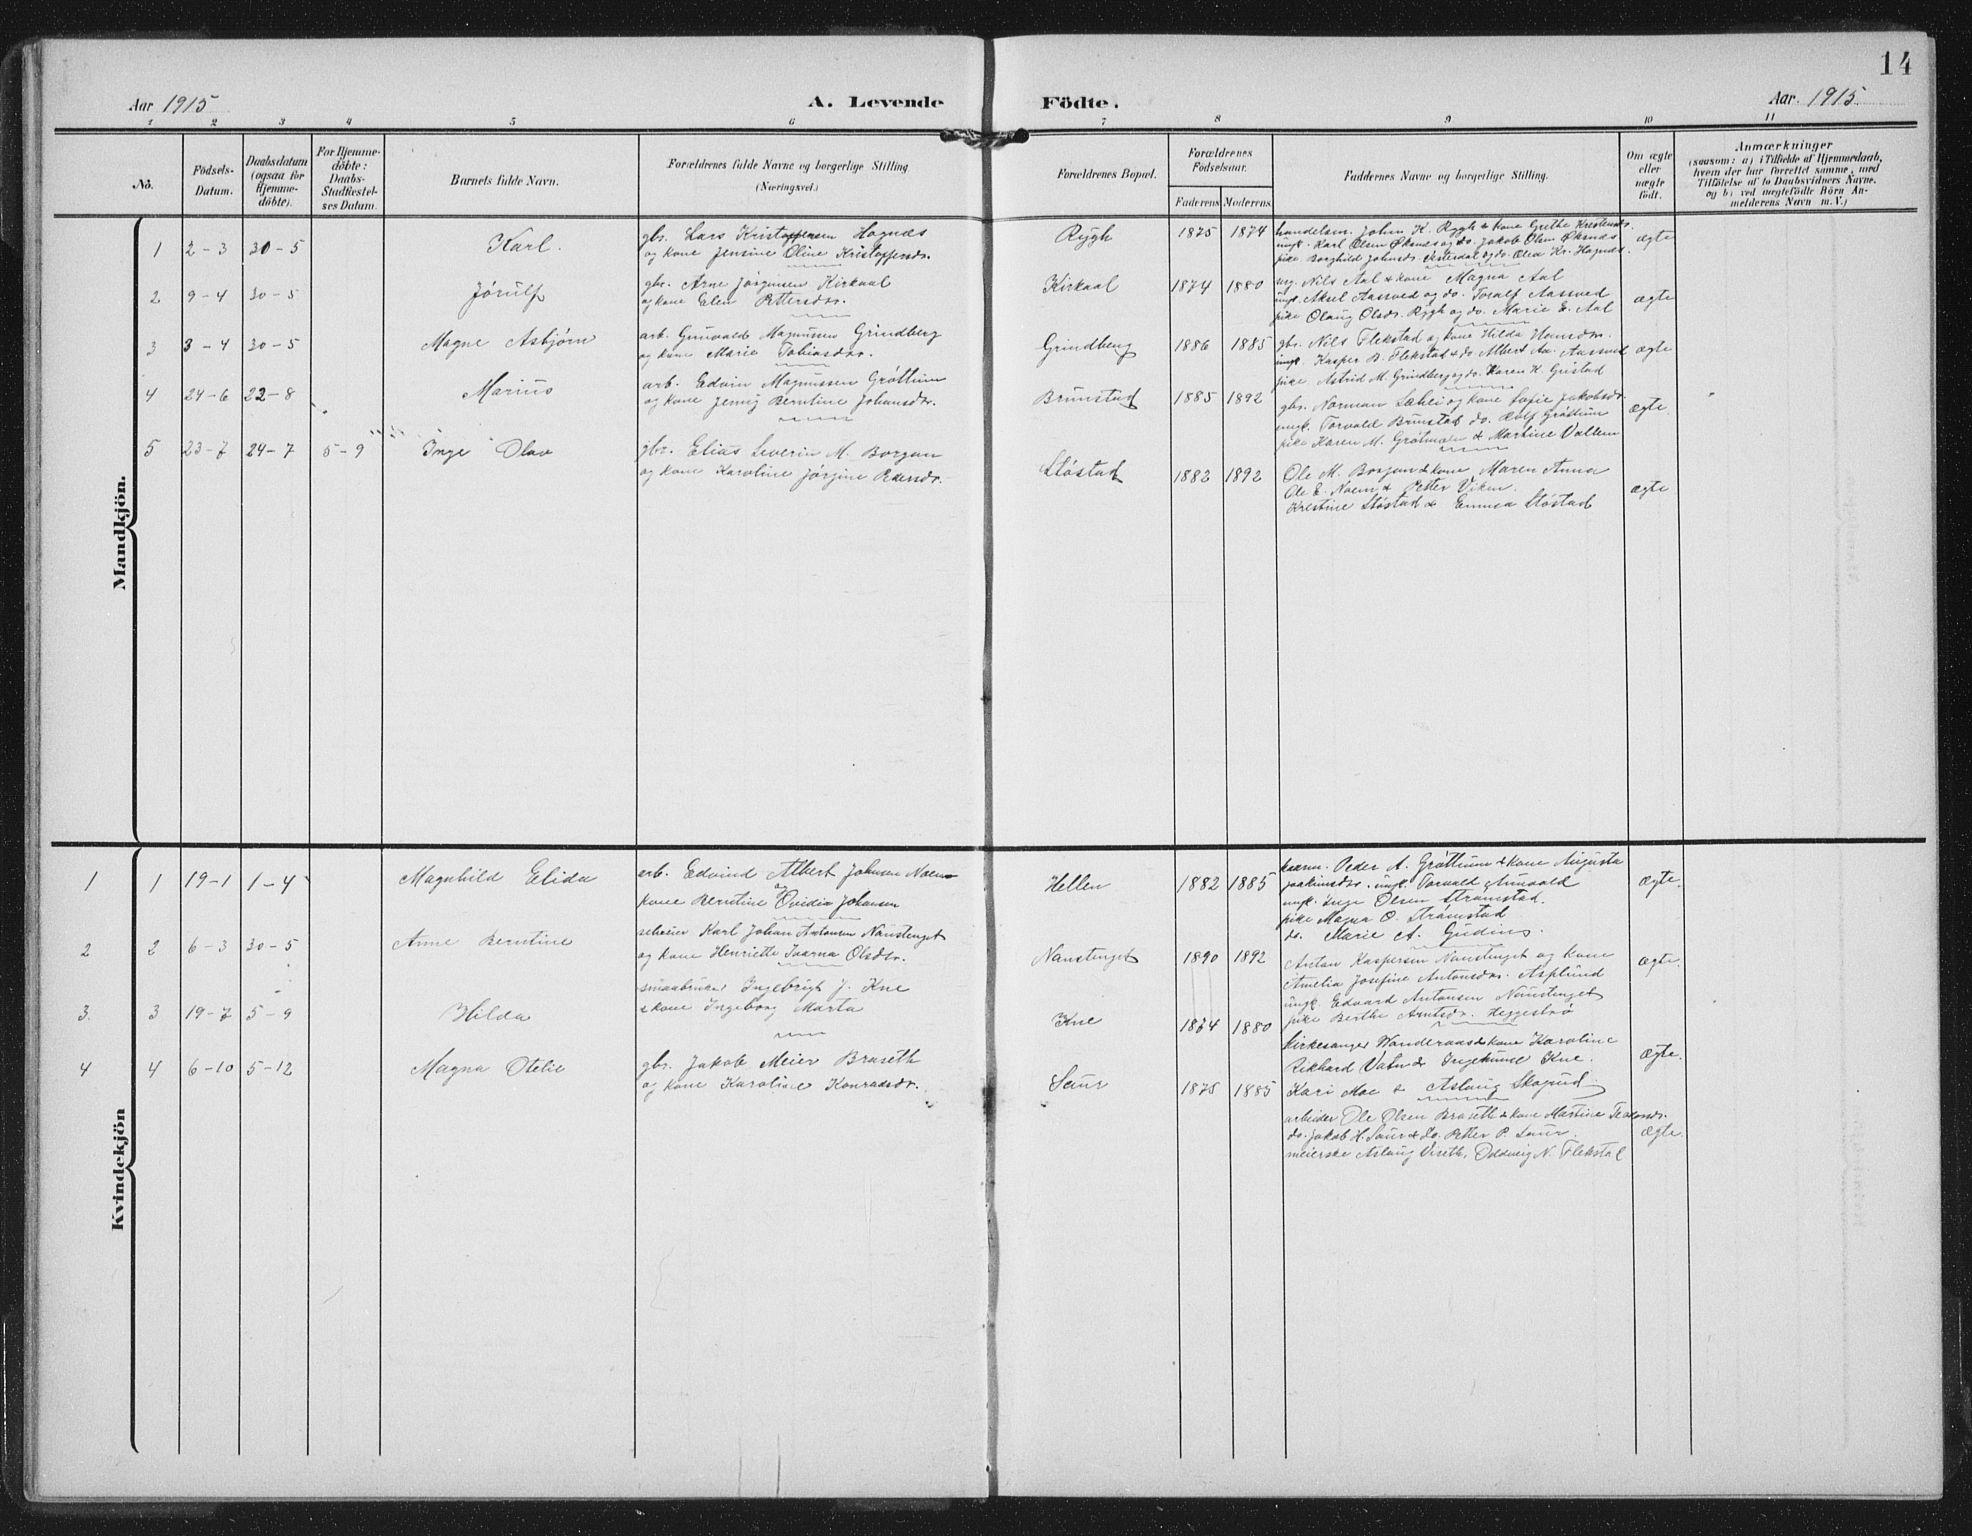 SAT, Ministerialprotokoller, klokkerbøker og fødselsregistre - Nord-Trøndelag, 747/L0460: Klokkerbok nr. 747C02, 1908-1939, s. 14